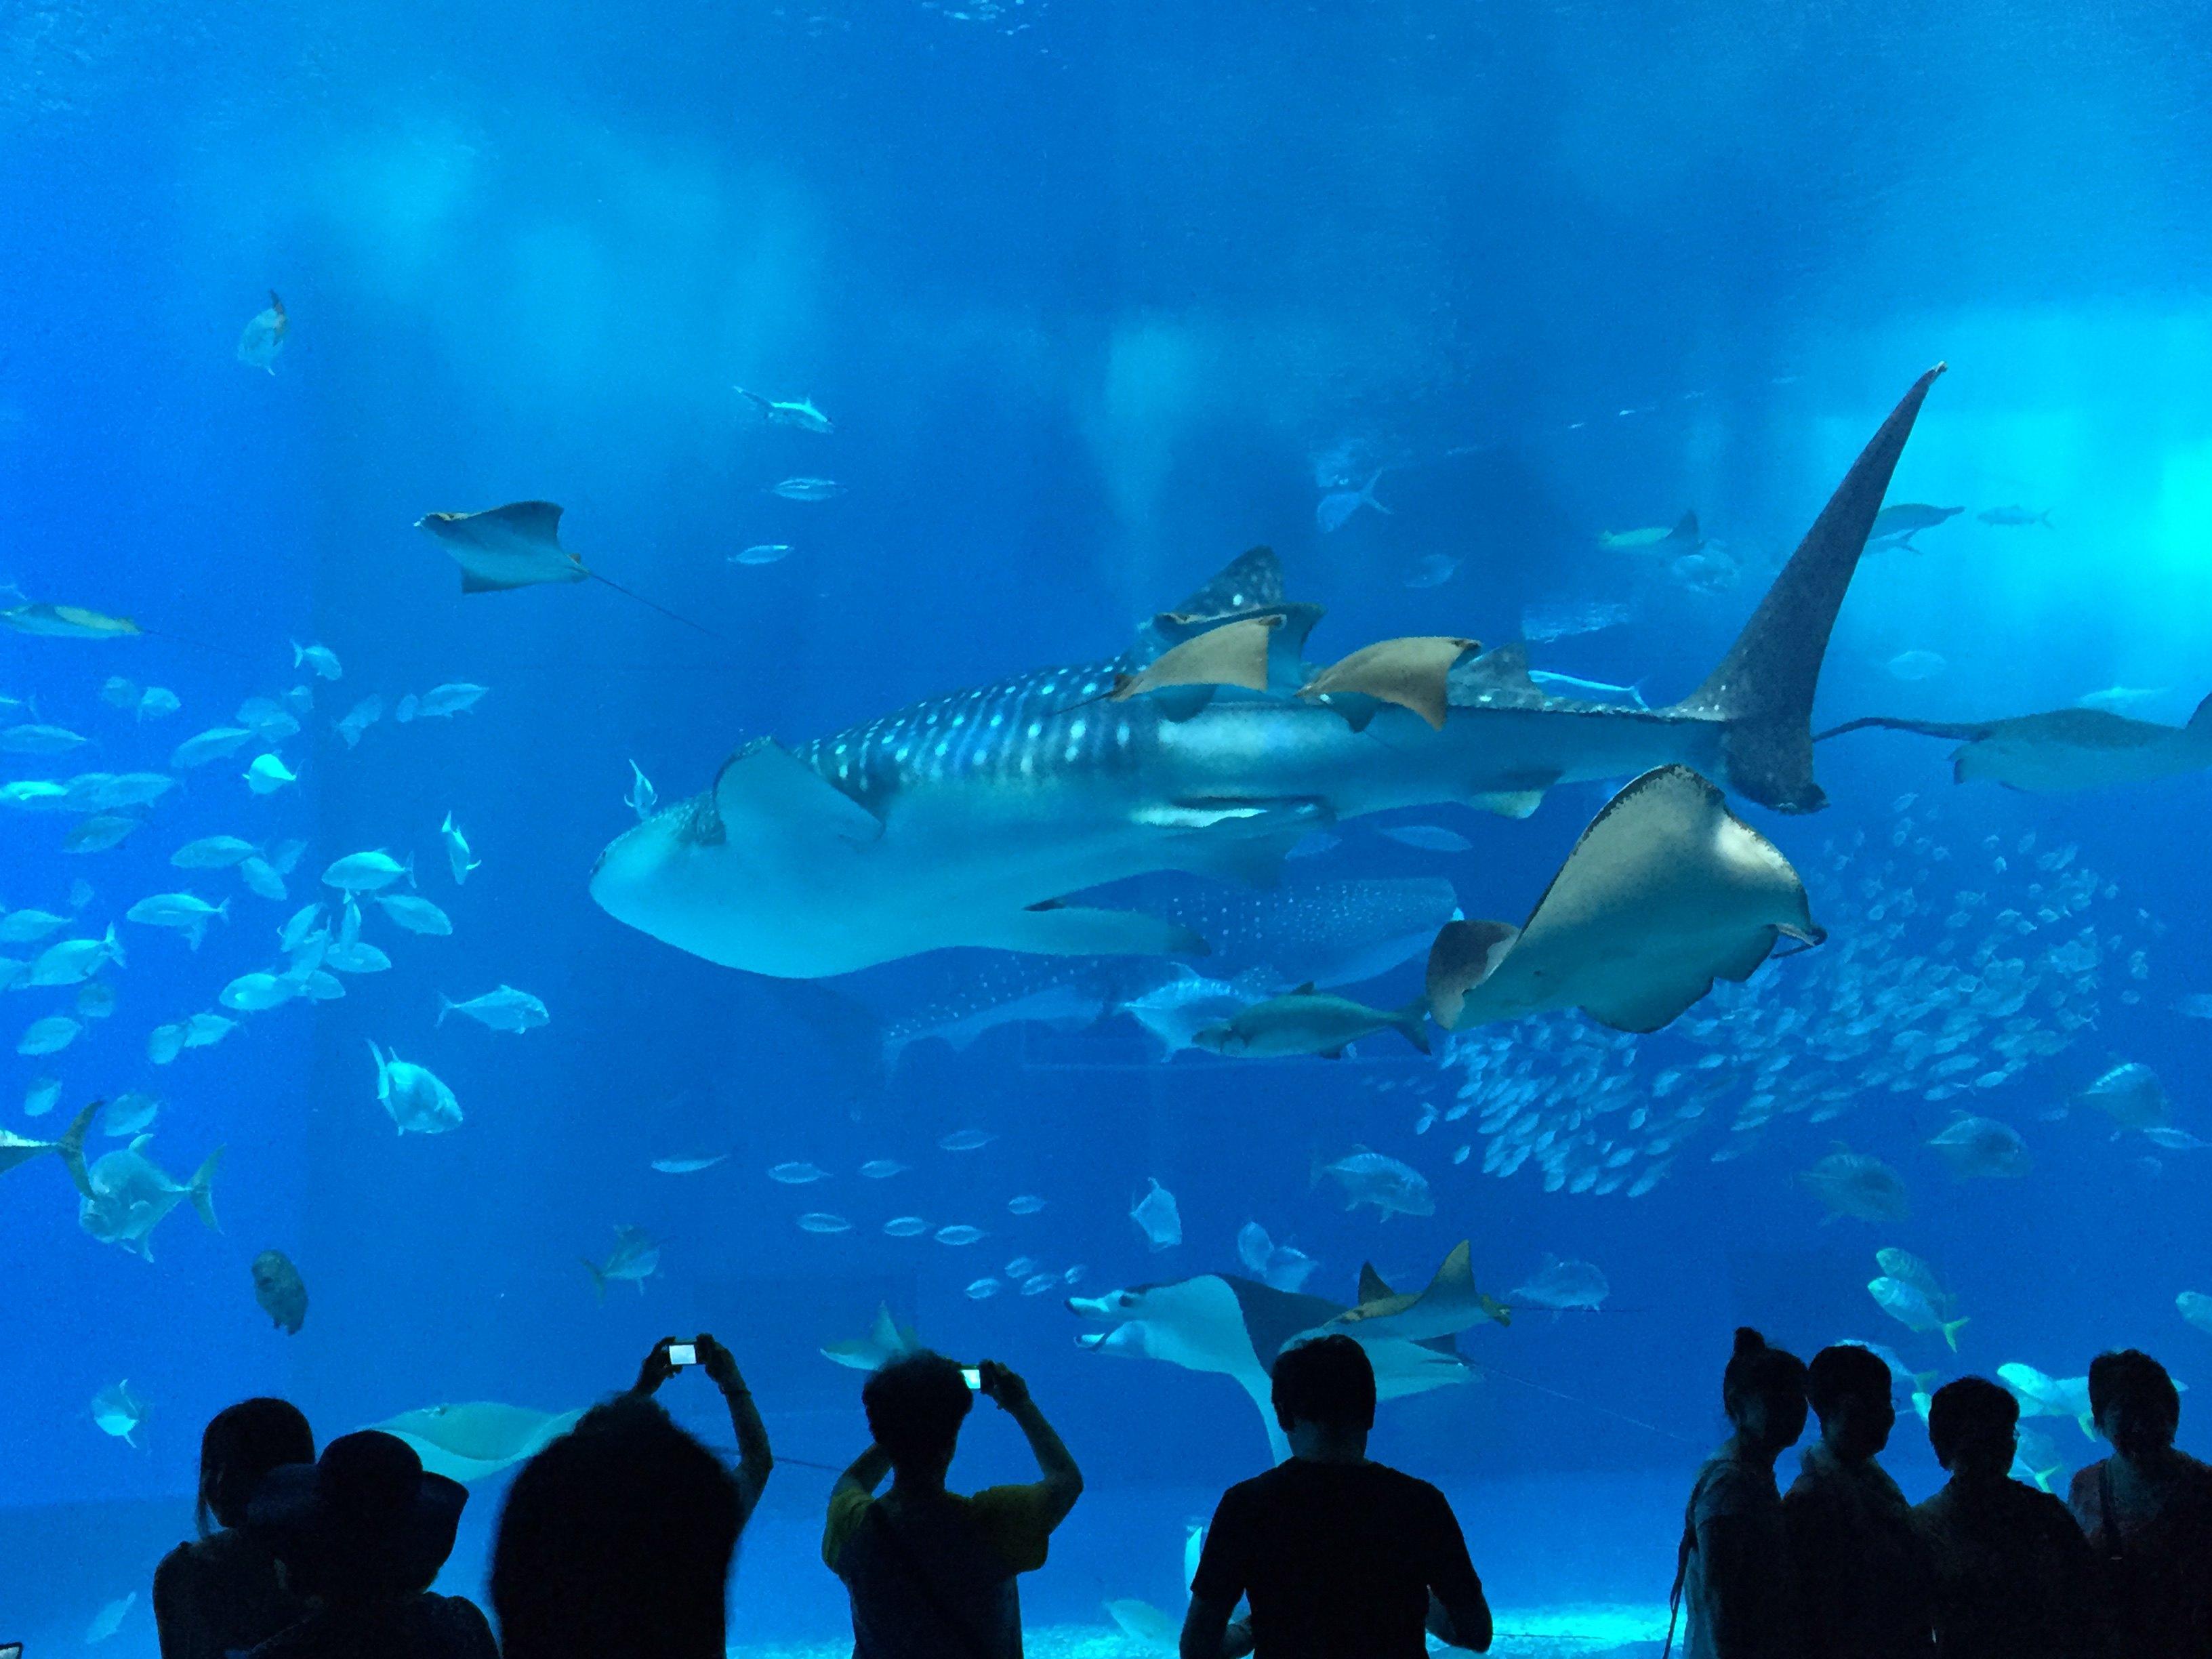 壁纸 海底 海底世界 海洋馆 水族馆 桌面 3264_2448